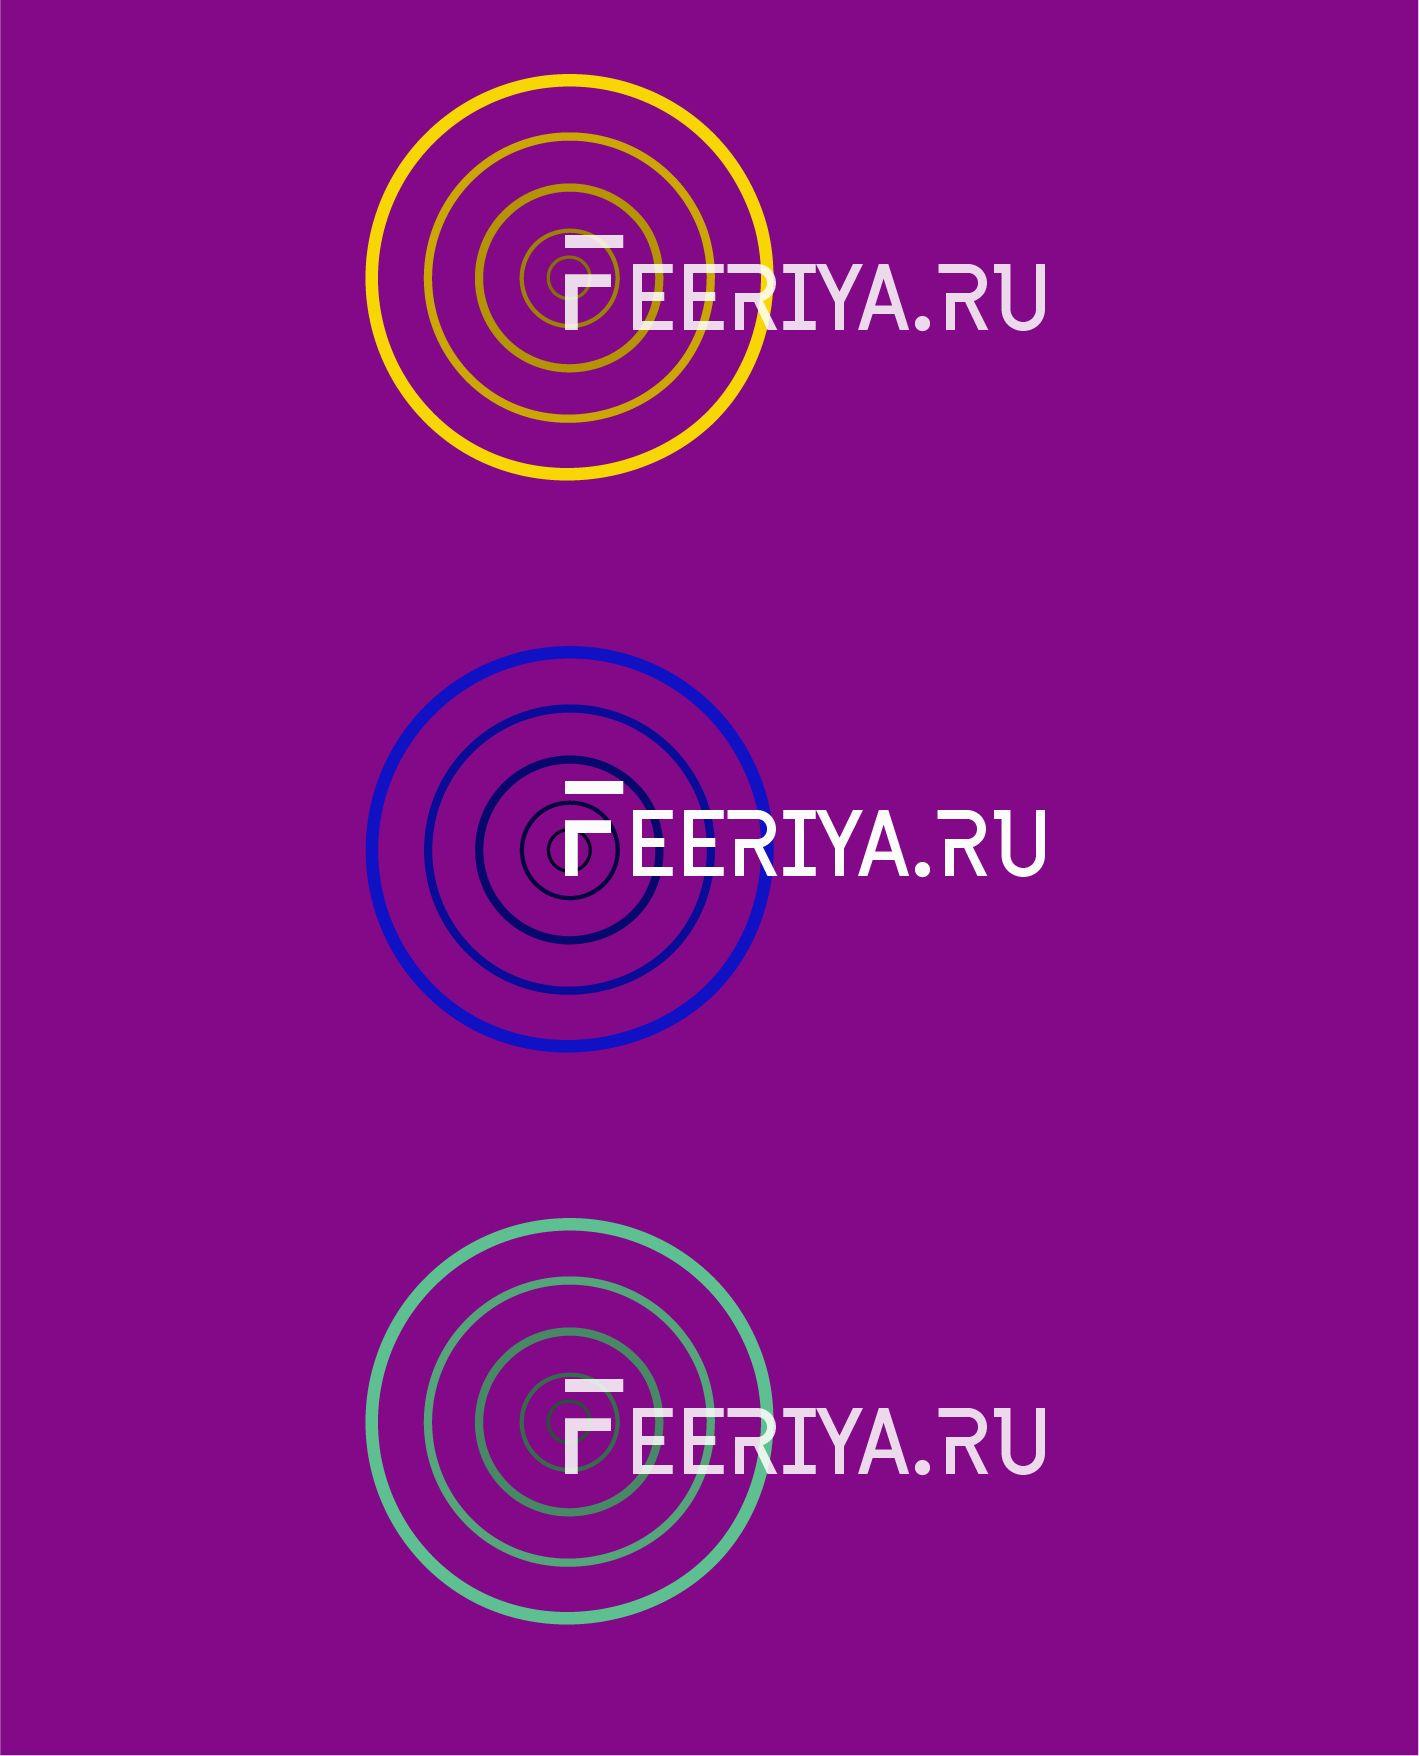 Логотип для feeriya.ru - дизайнер Mayssi